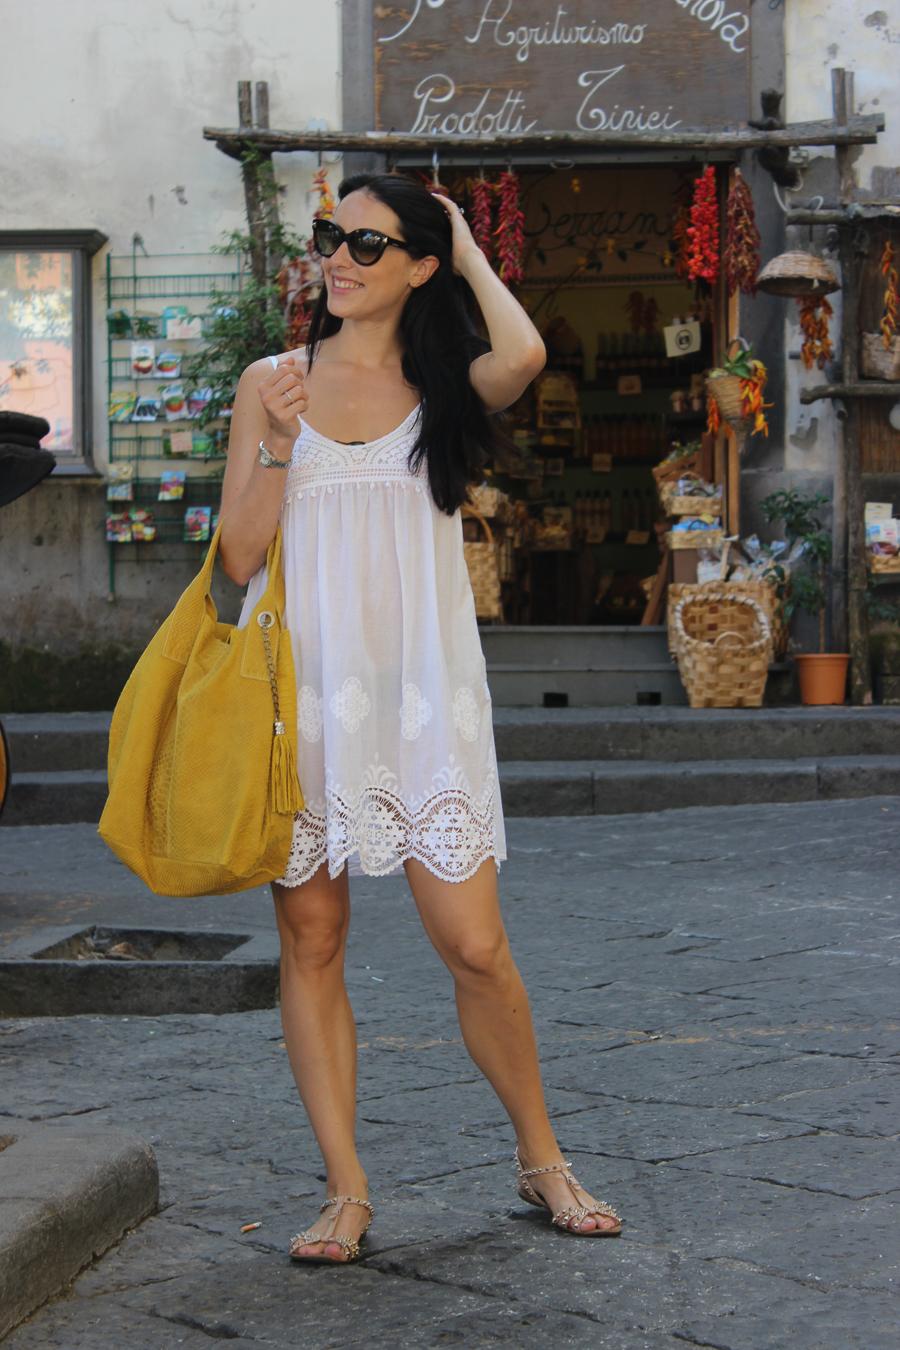 Sabrina Chakici - Clutch and Carry on - UK Fashion blogger & UK Travel Blogger - Capri Travel Blog - Capri Palace Hotel_-156